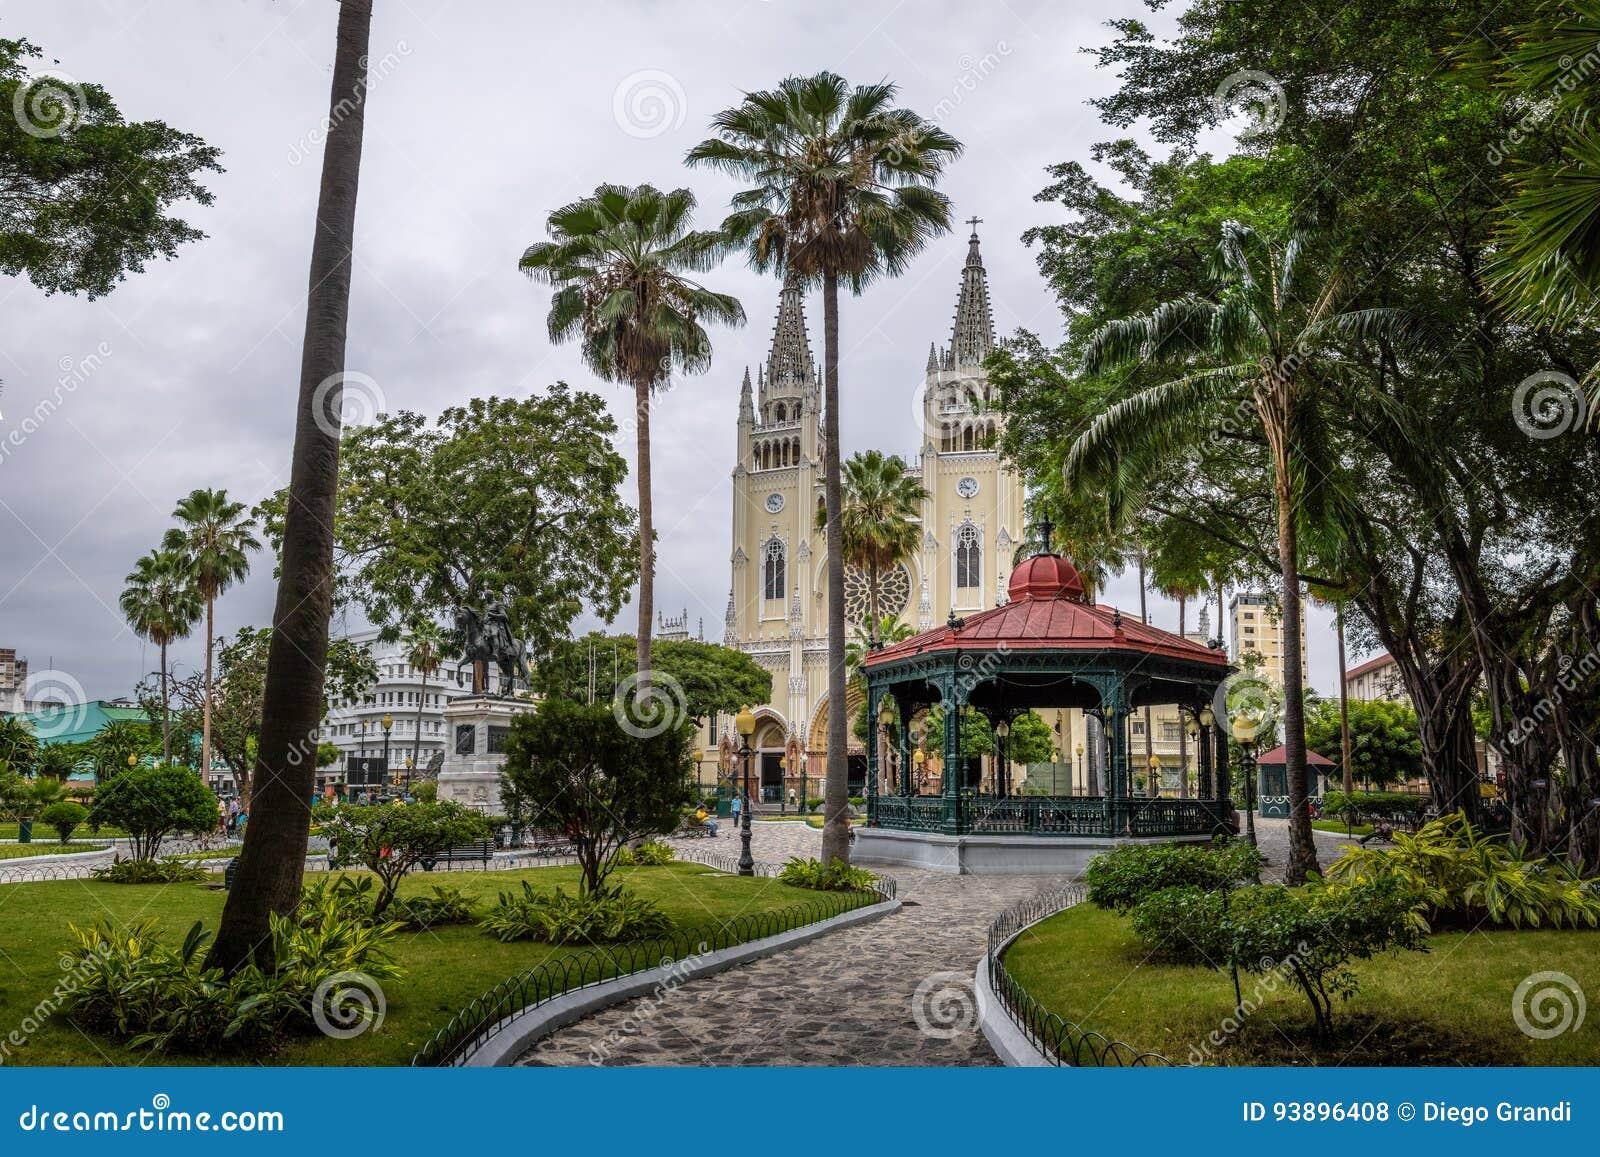 Parque y catedral metropolitana - Guayaquil, Ecuador de las iguanas del parque de Seminario